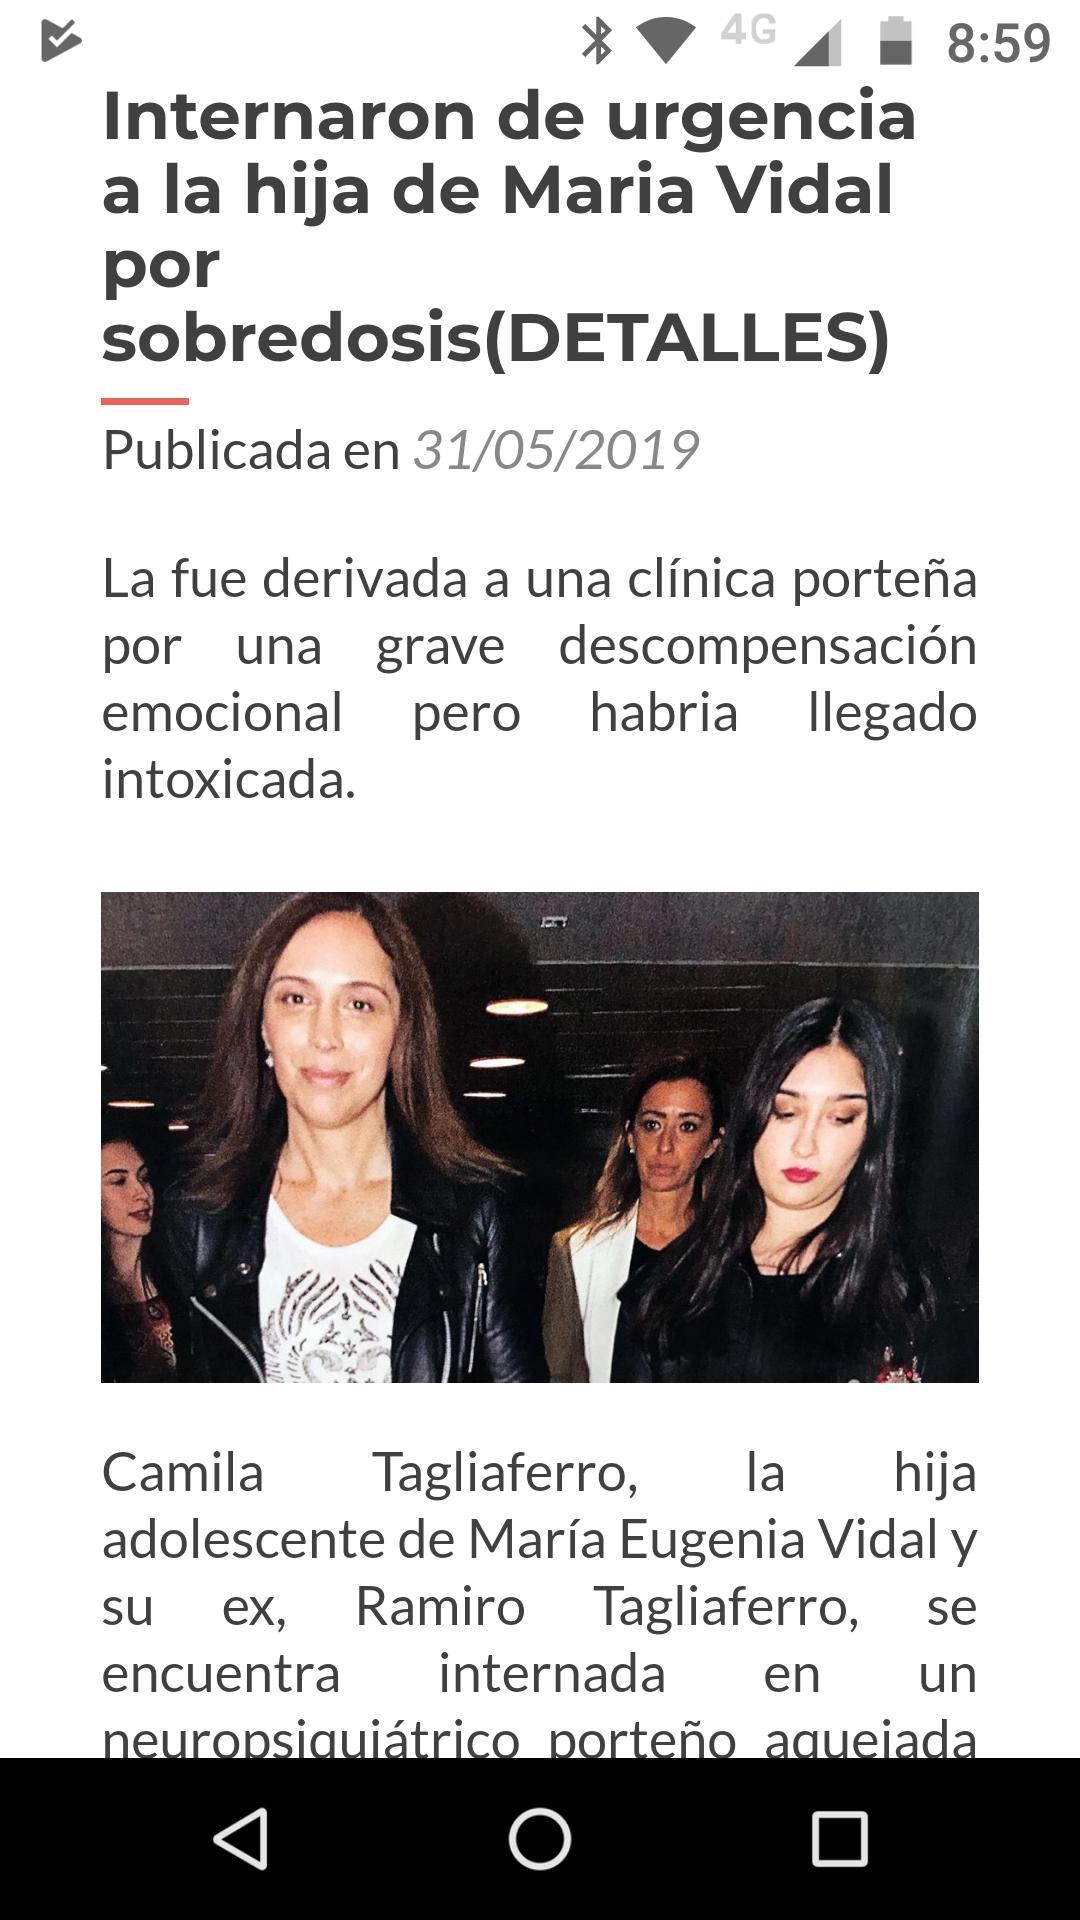 No, la hija de Vidal no fue internada de urgencia por sobredosis